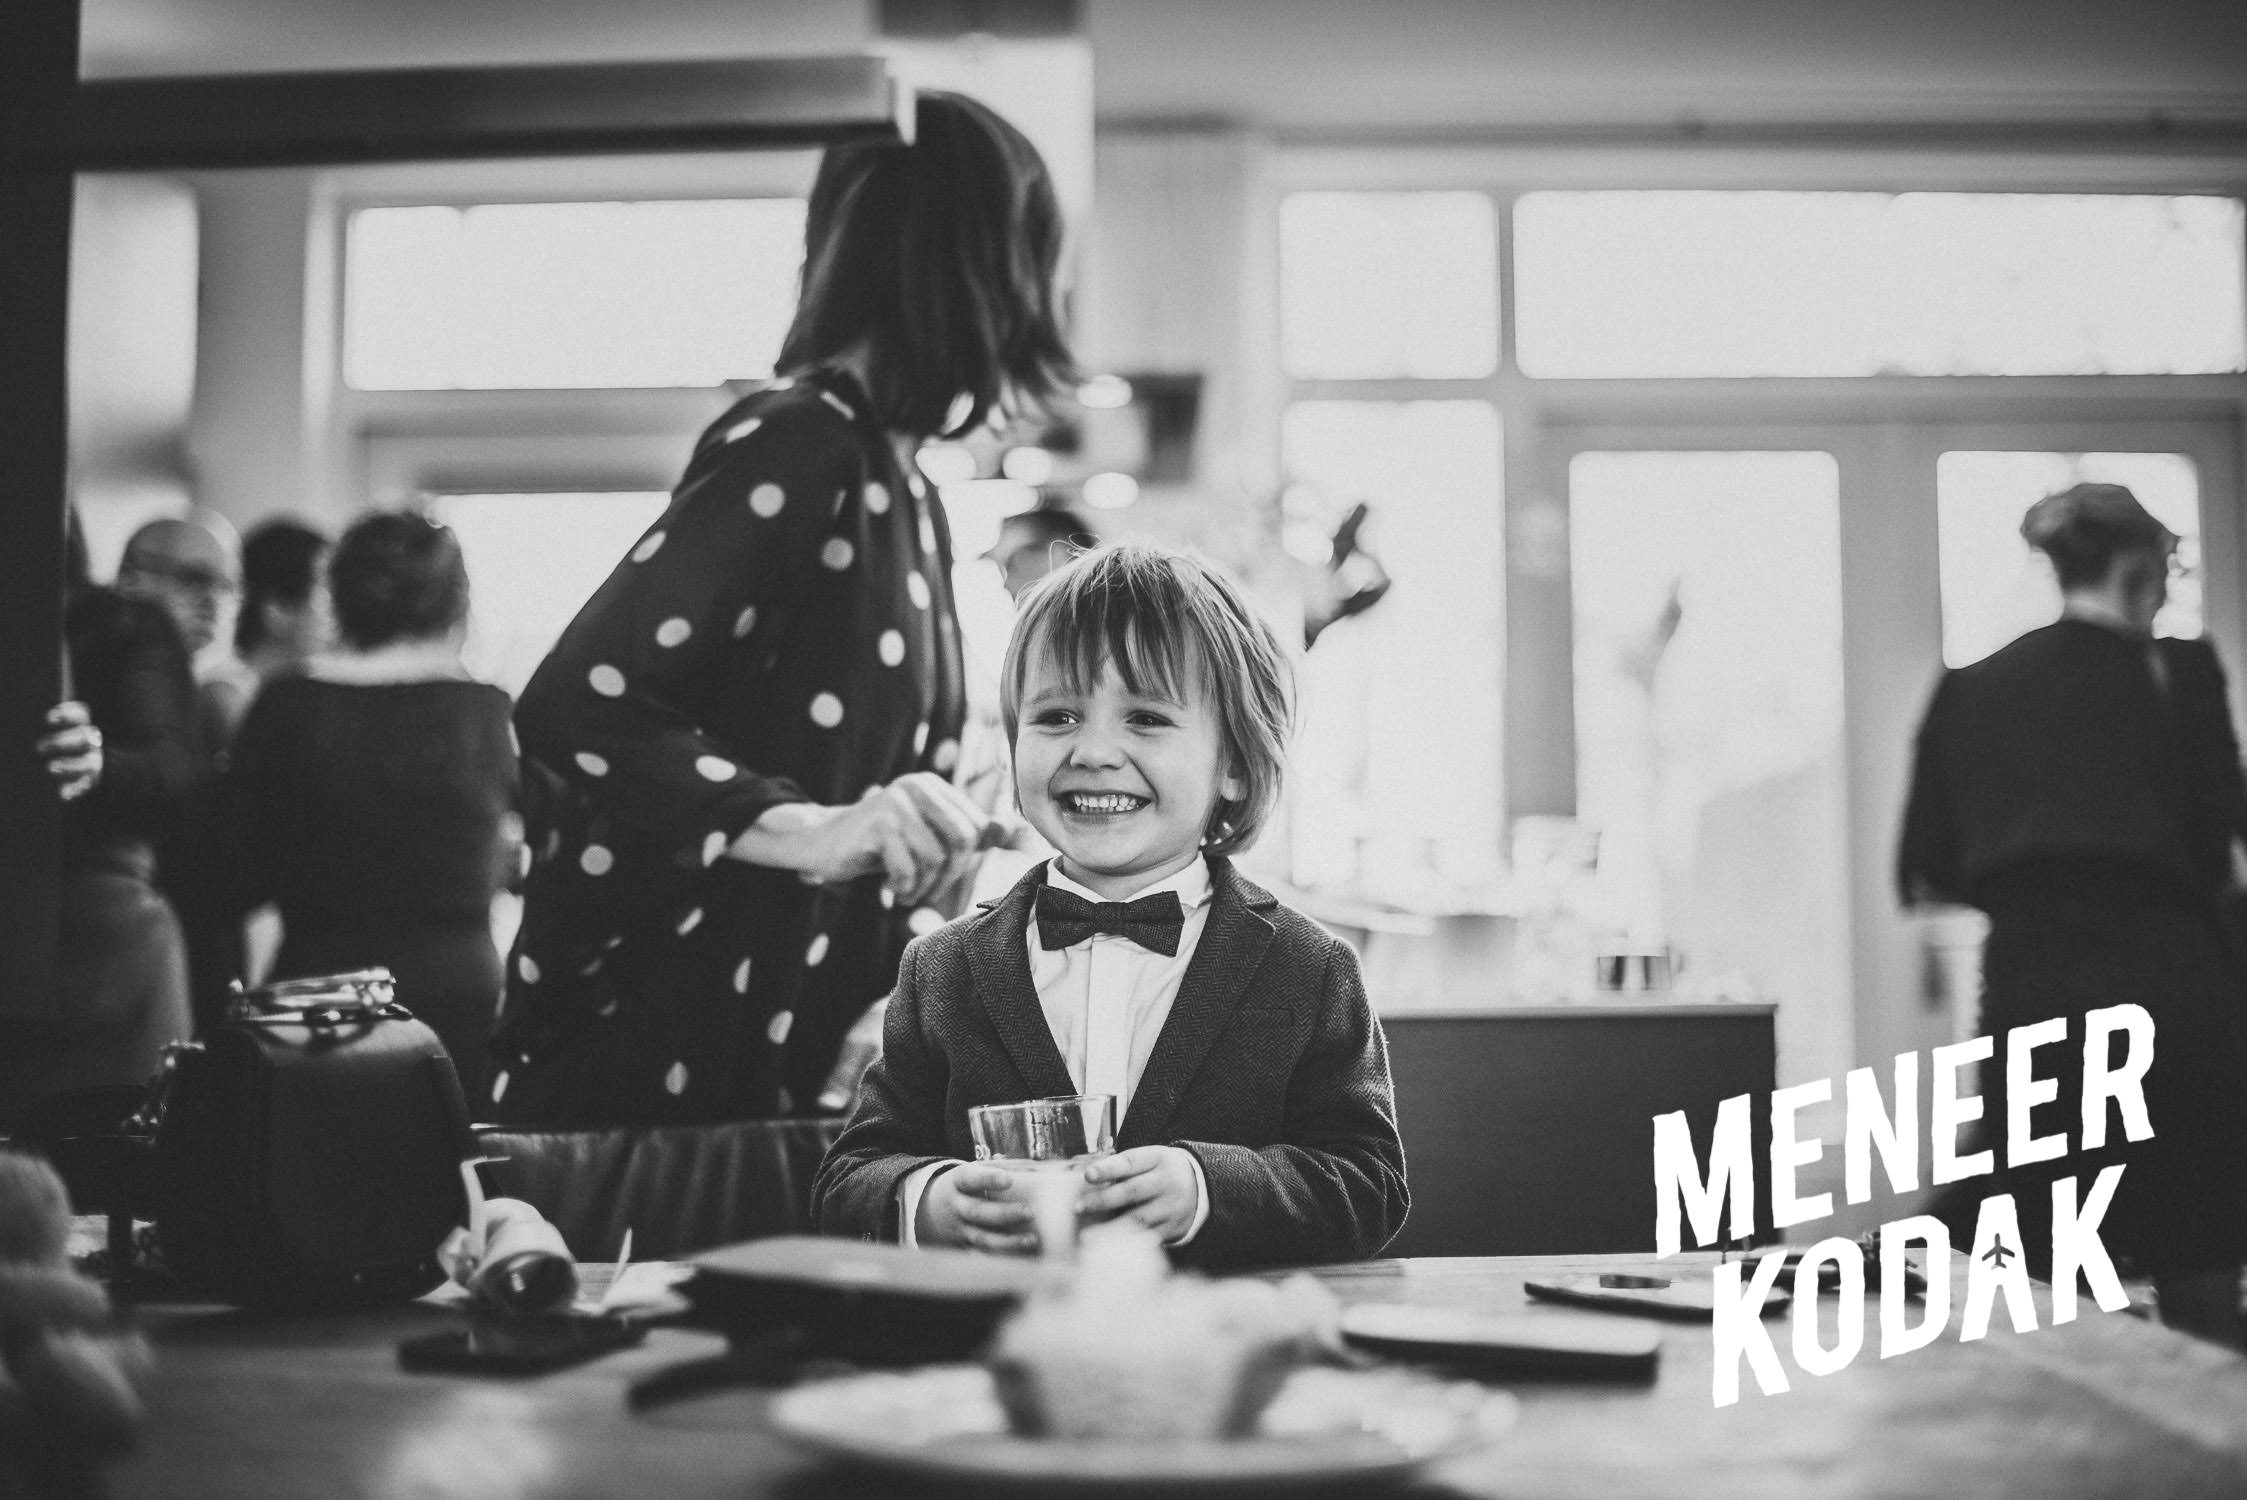 Meneer Kodak - Bruidsfotograaf - Breda - S&R-069.jpg